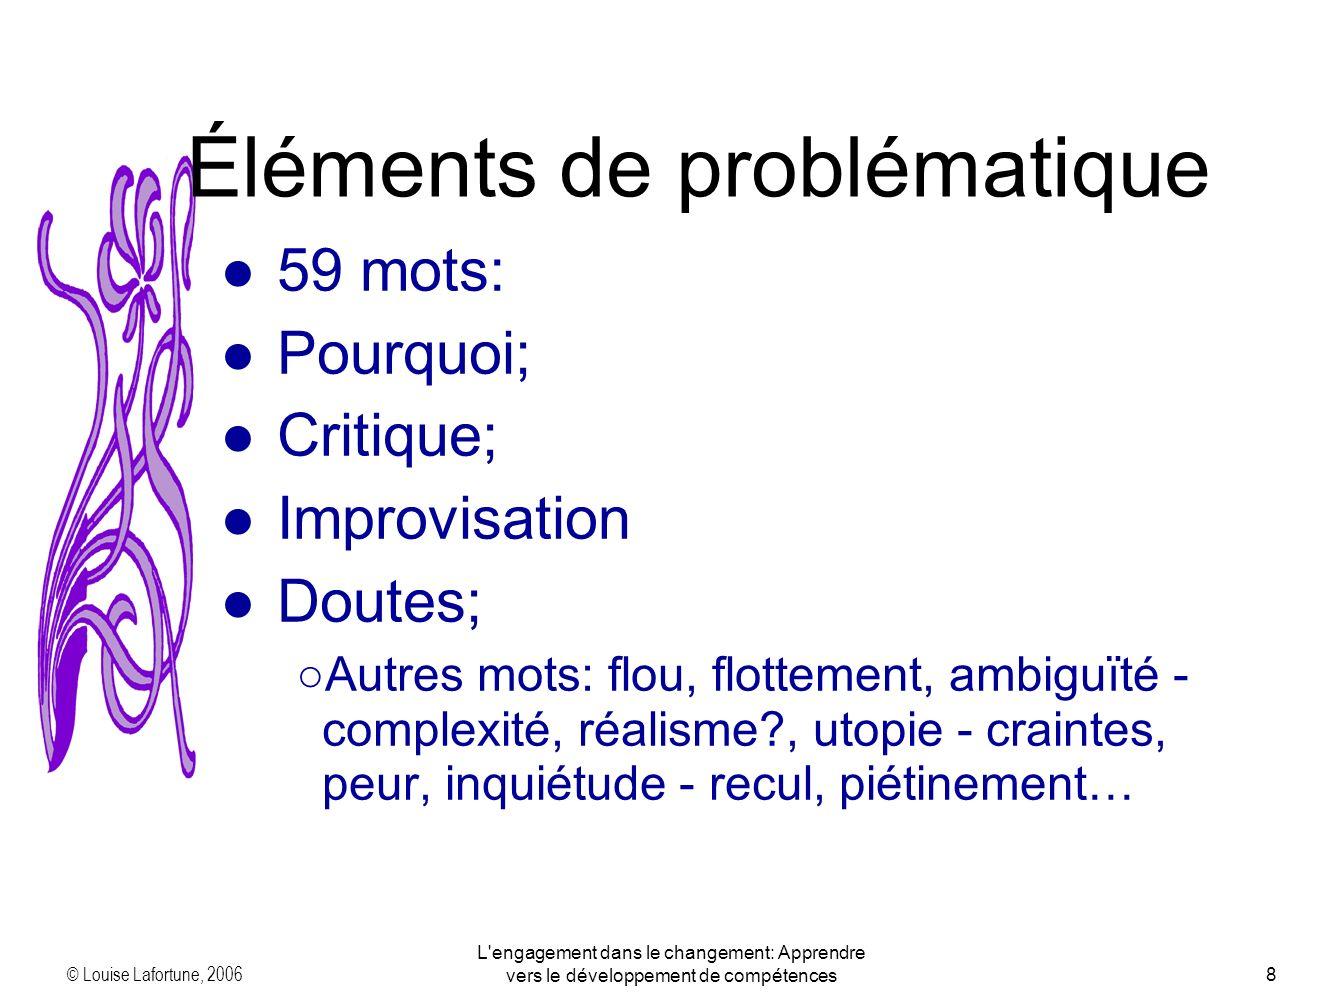 © Louise Lafortune, 2006 L engagement dans le changement: Apprendre vers le développement de compétences8 59 mots: Pourquoi; Critique; Improvisation Doutes; Autres mots: flou, flottement, ambiguïté - complexité, réalisme?, utopie - craintes, peur, inquiétude - recul, piétinement… Éléments de problématique